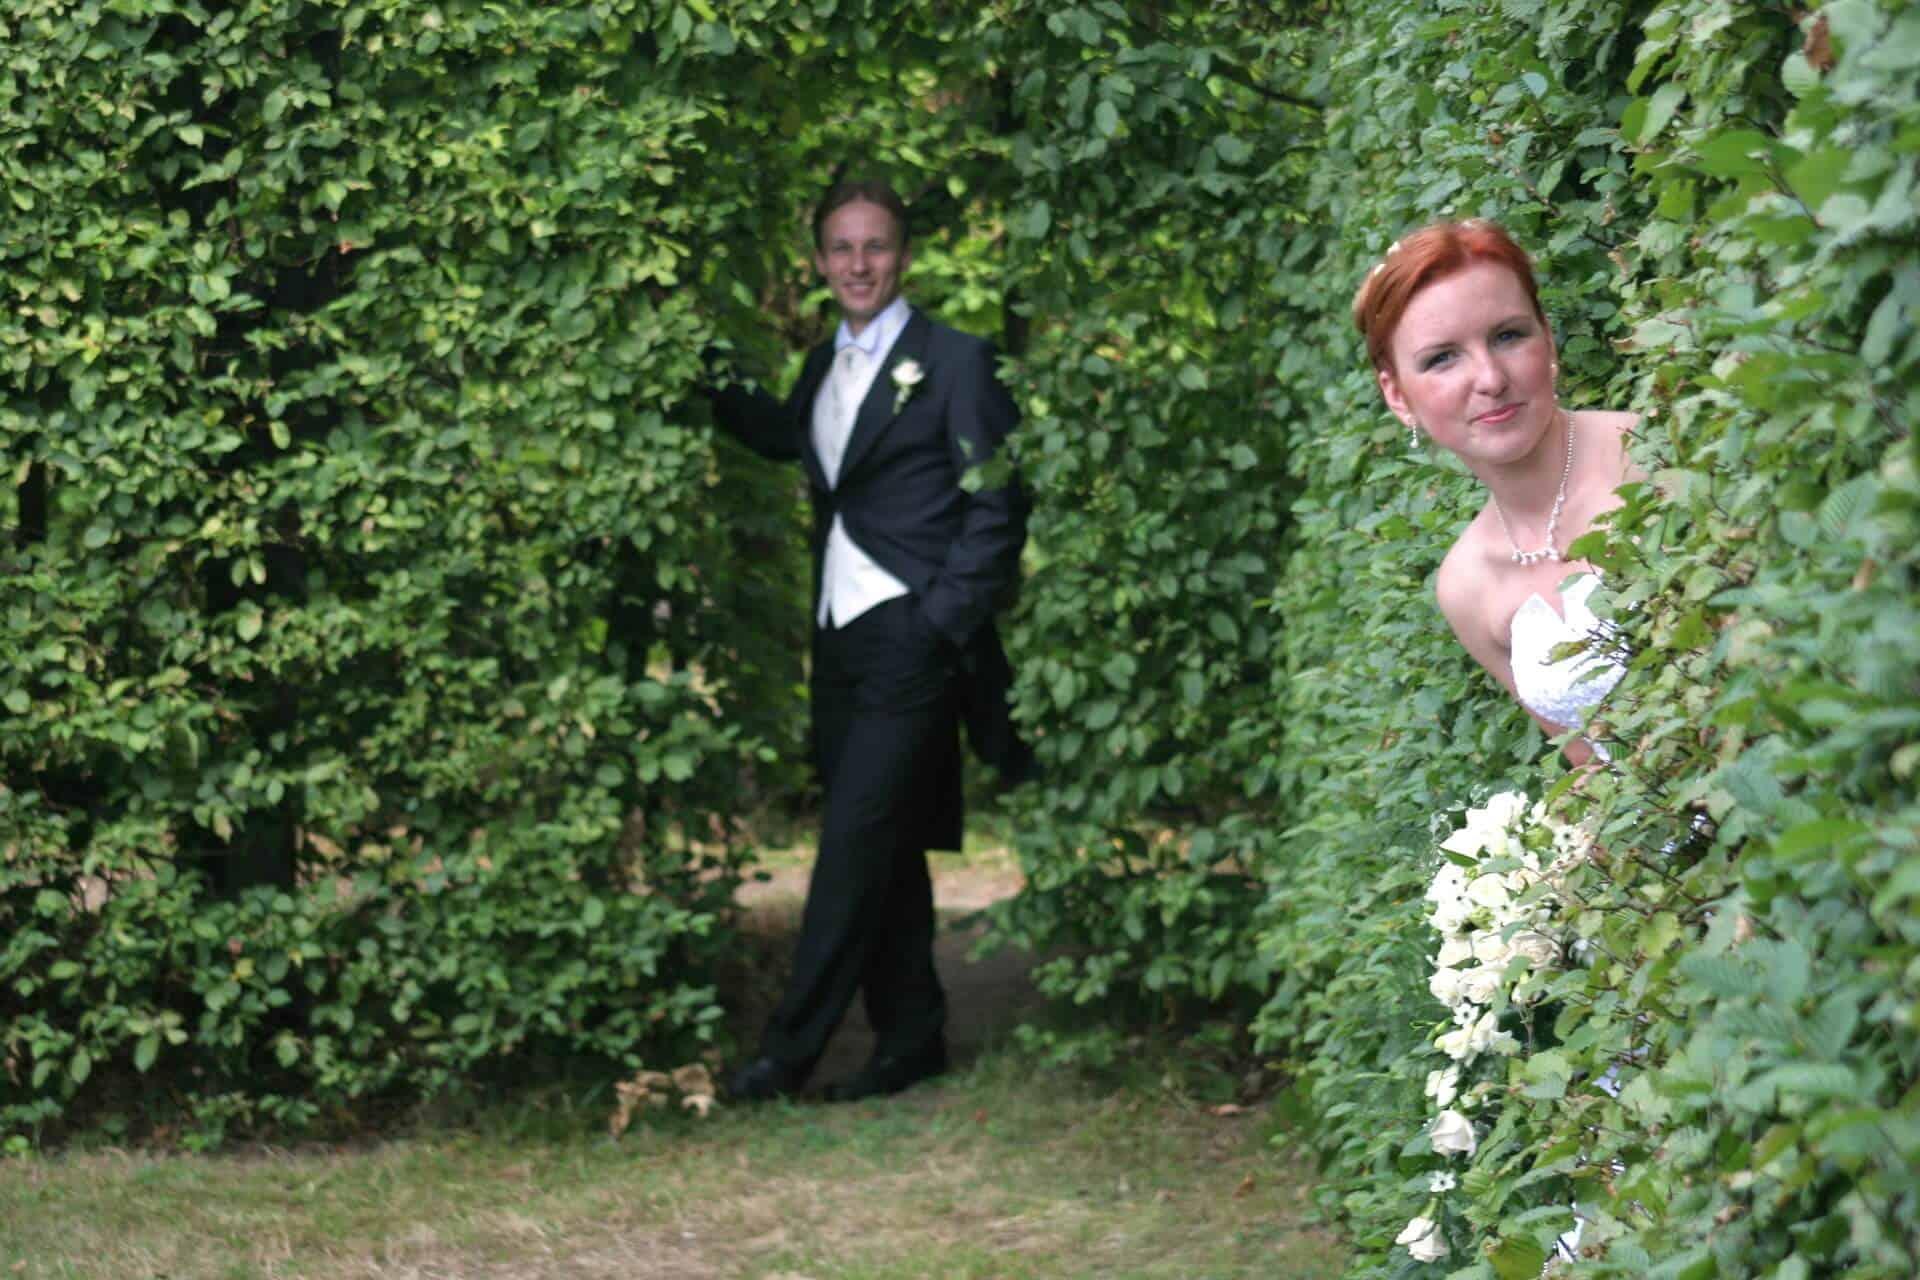 Svatba Havlíkovi - ve francouzském parku jsme se našli